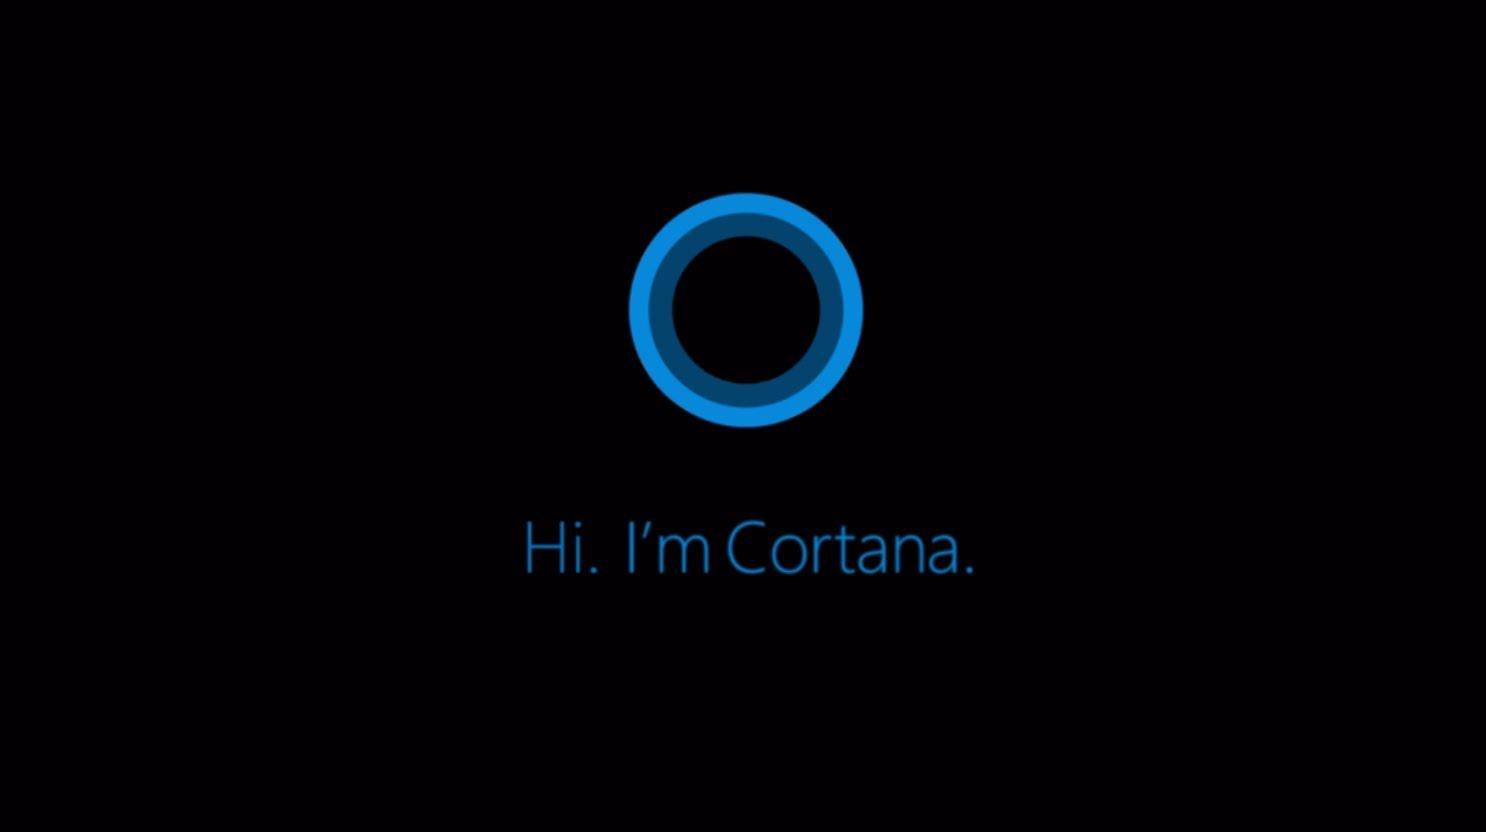 """چگونه در ویندوز 10 """"کورتانا"""" را از منوی task bar غیرفعال کنیم"""